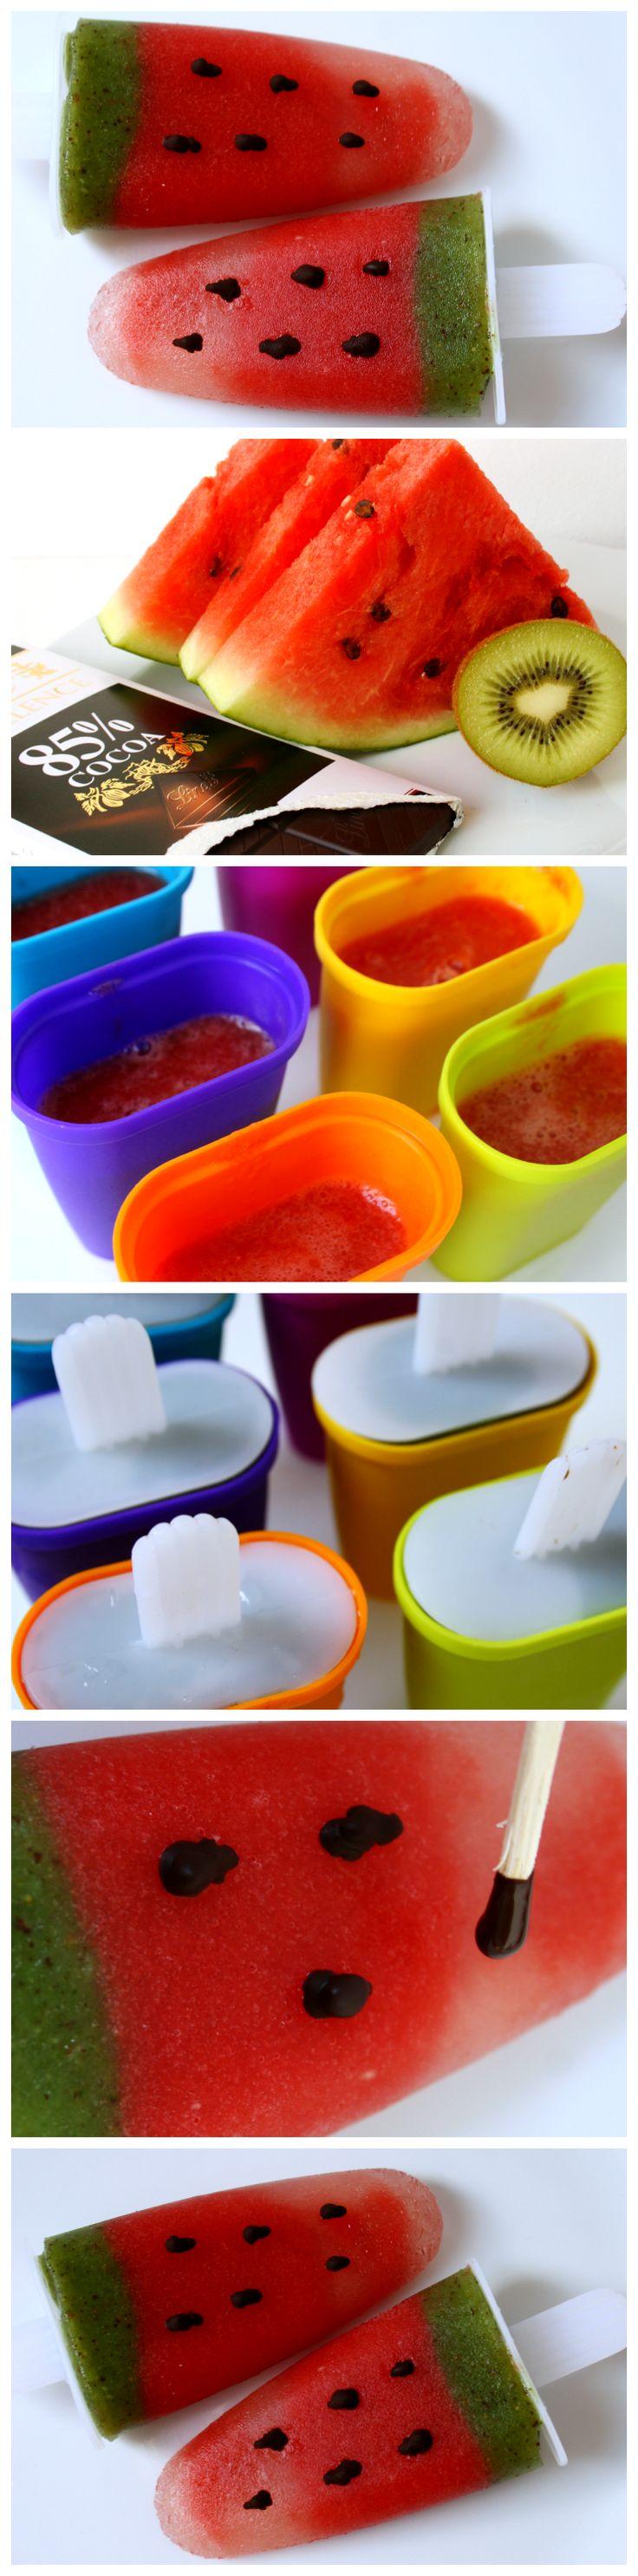 Osvěžující melounové nanuky. http://diyprojekty.blogspot.cz/